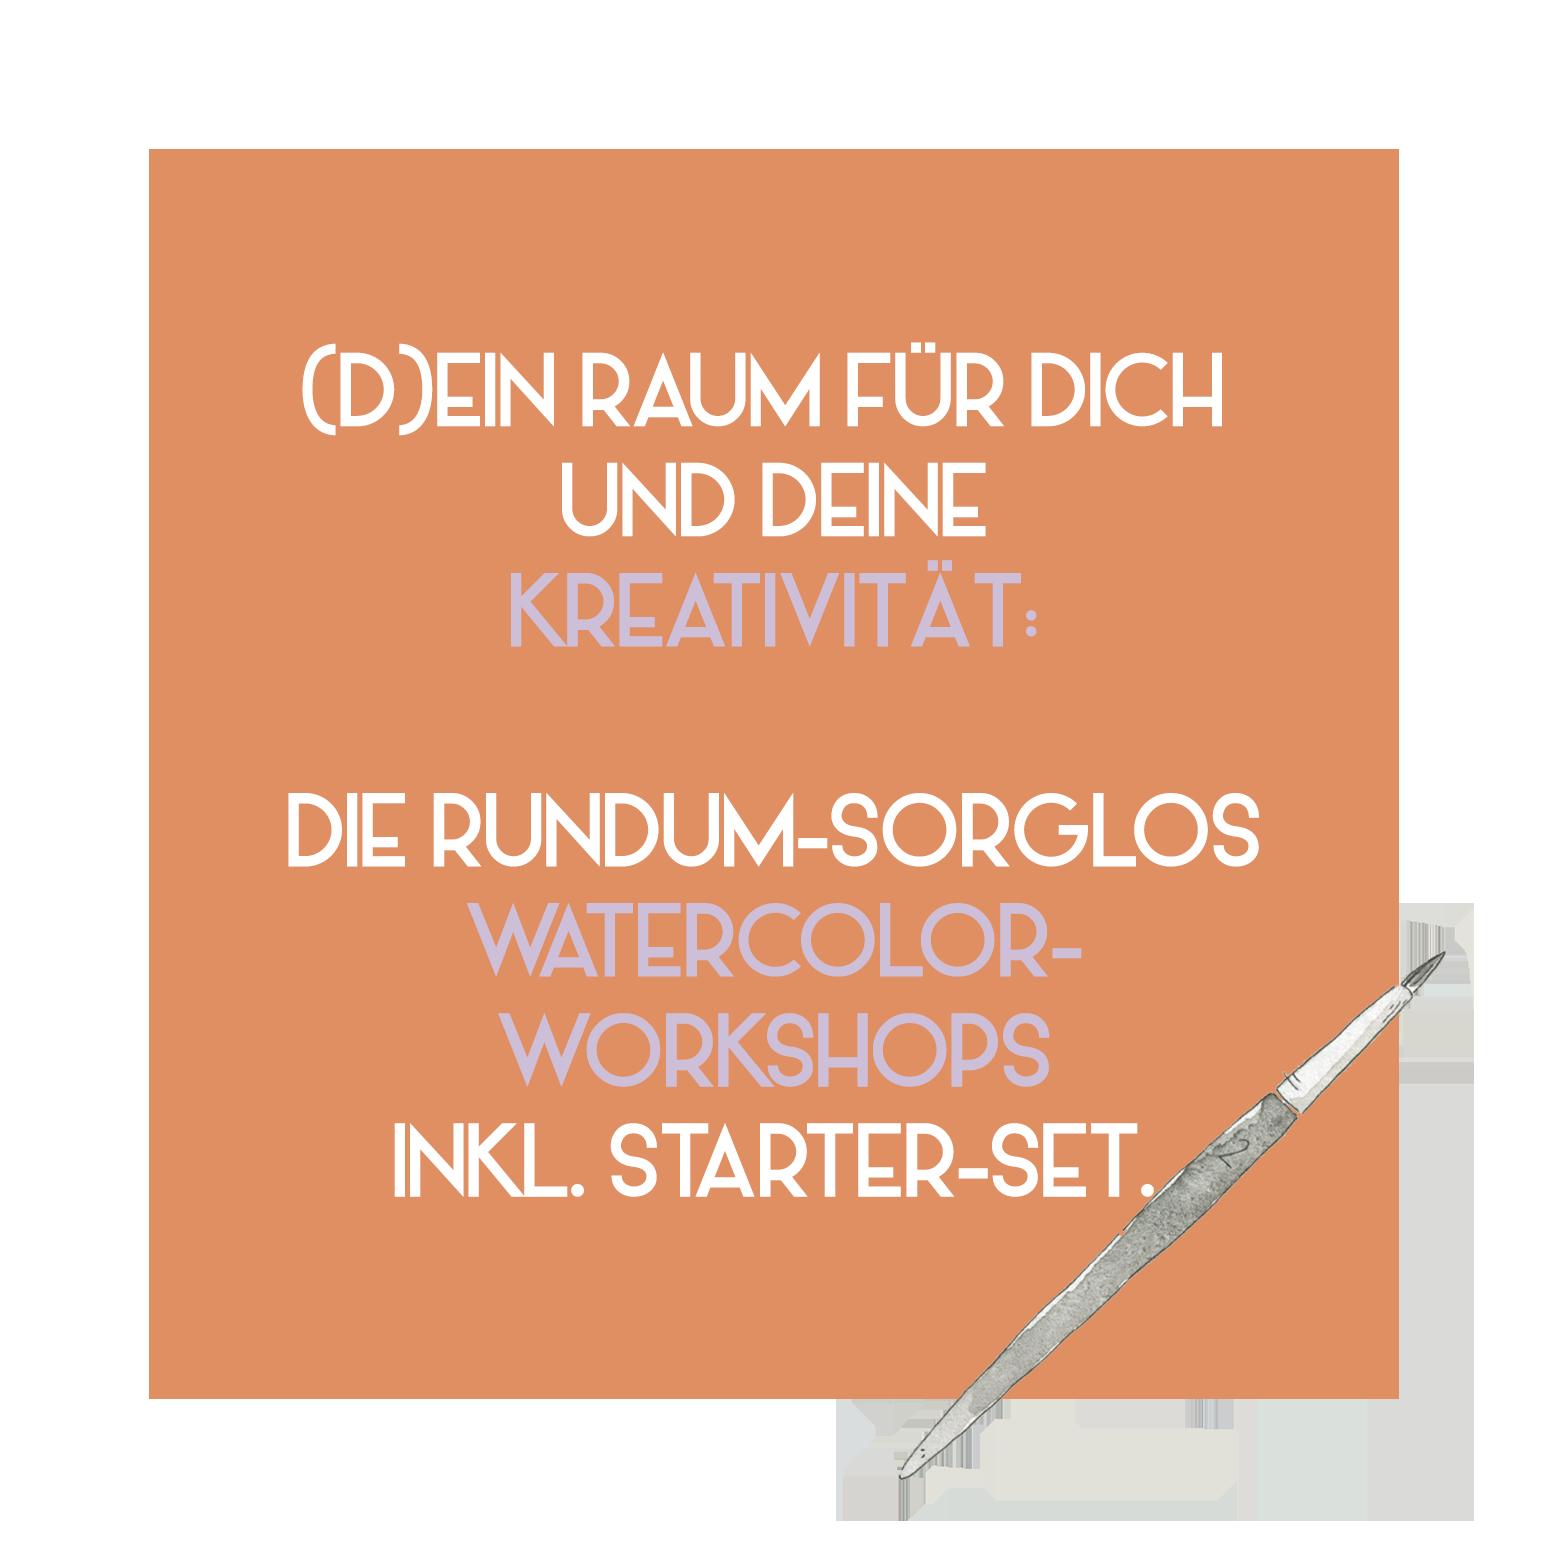 Platzhalter_Bild_Watercolor_Workshop